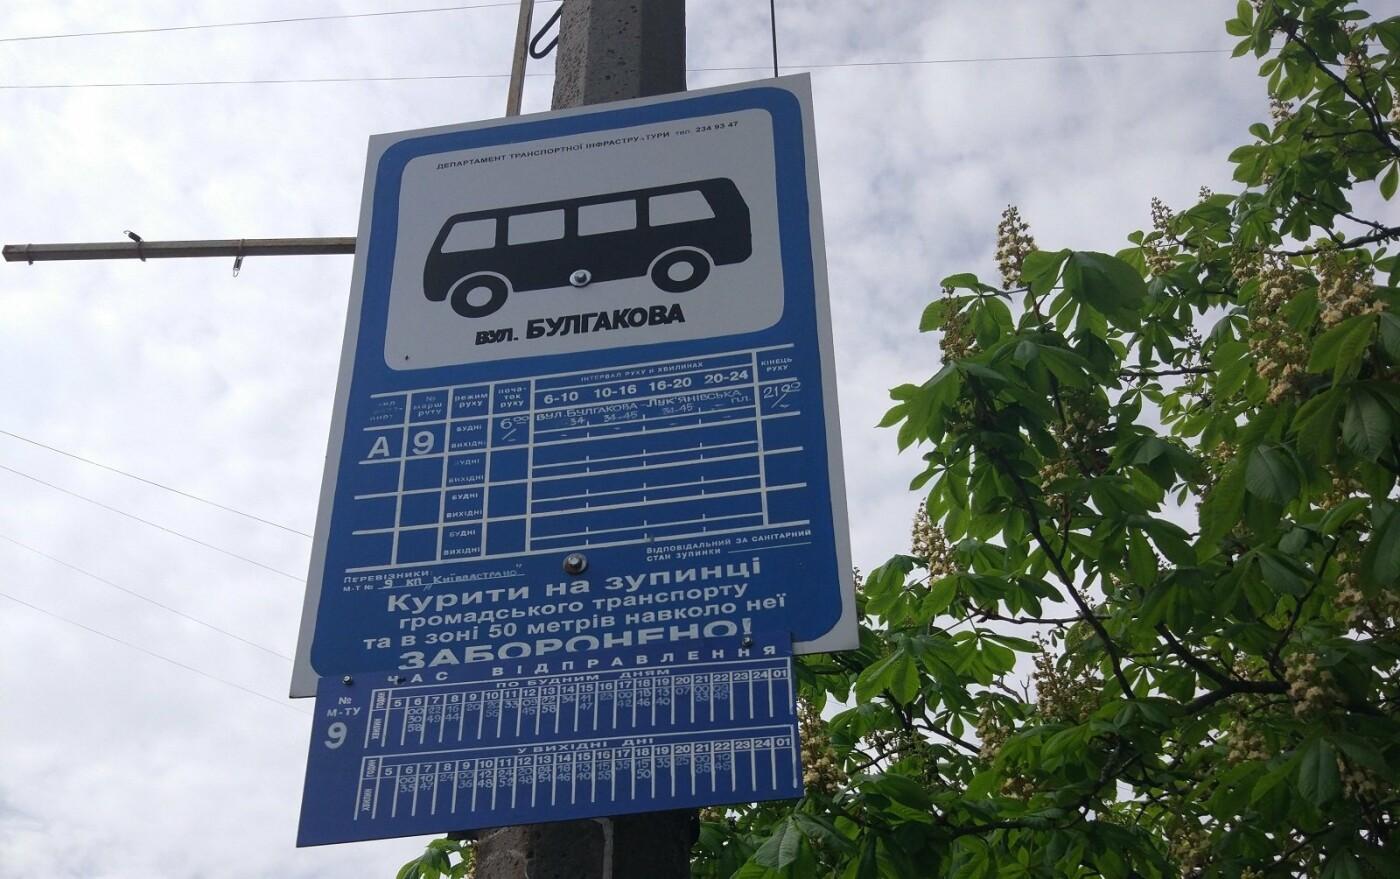 остановка 9 автобуса, Фото: Надежда Жидченко